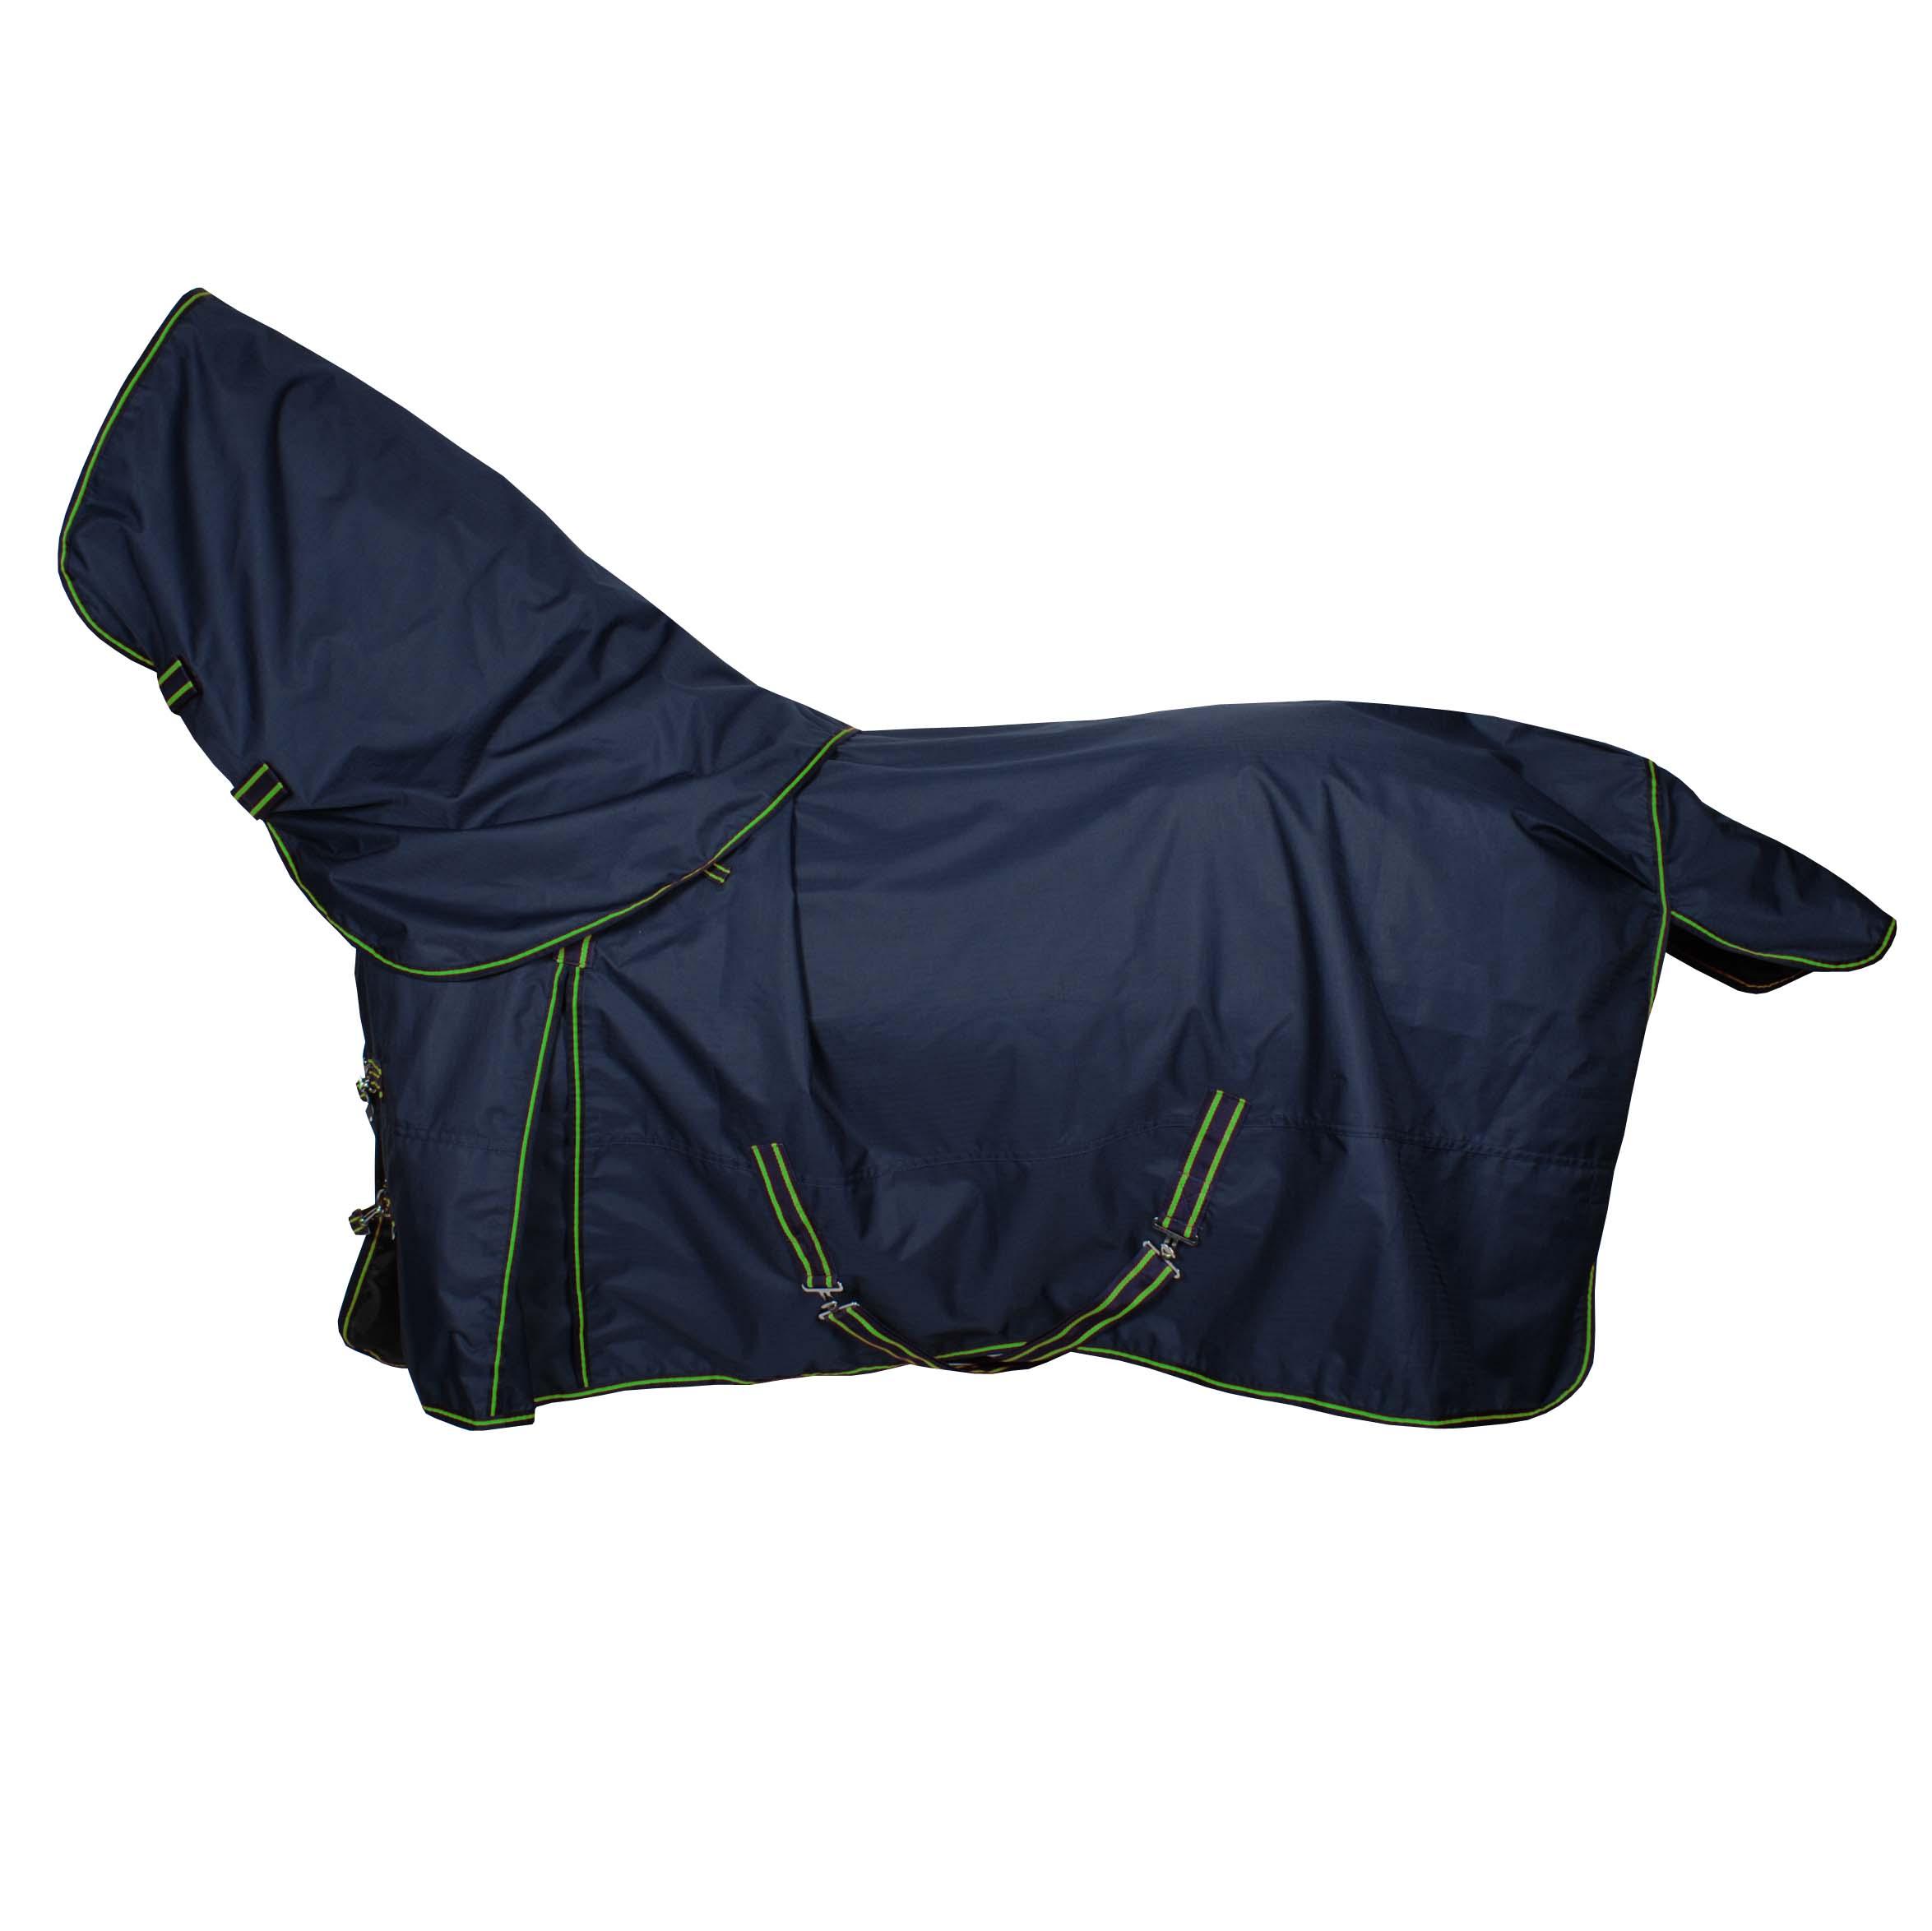 Pagony Outdoordeken Lloro met losse hals 200gr donkerblauw maat:195